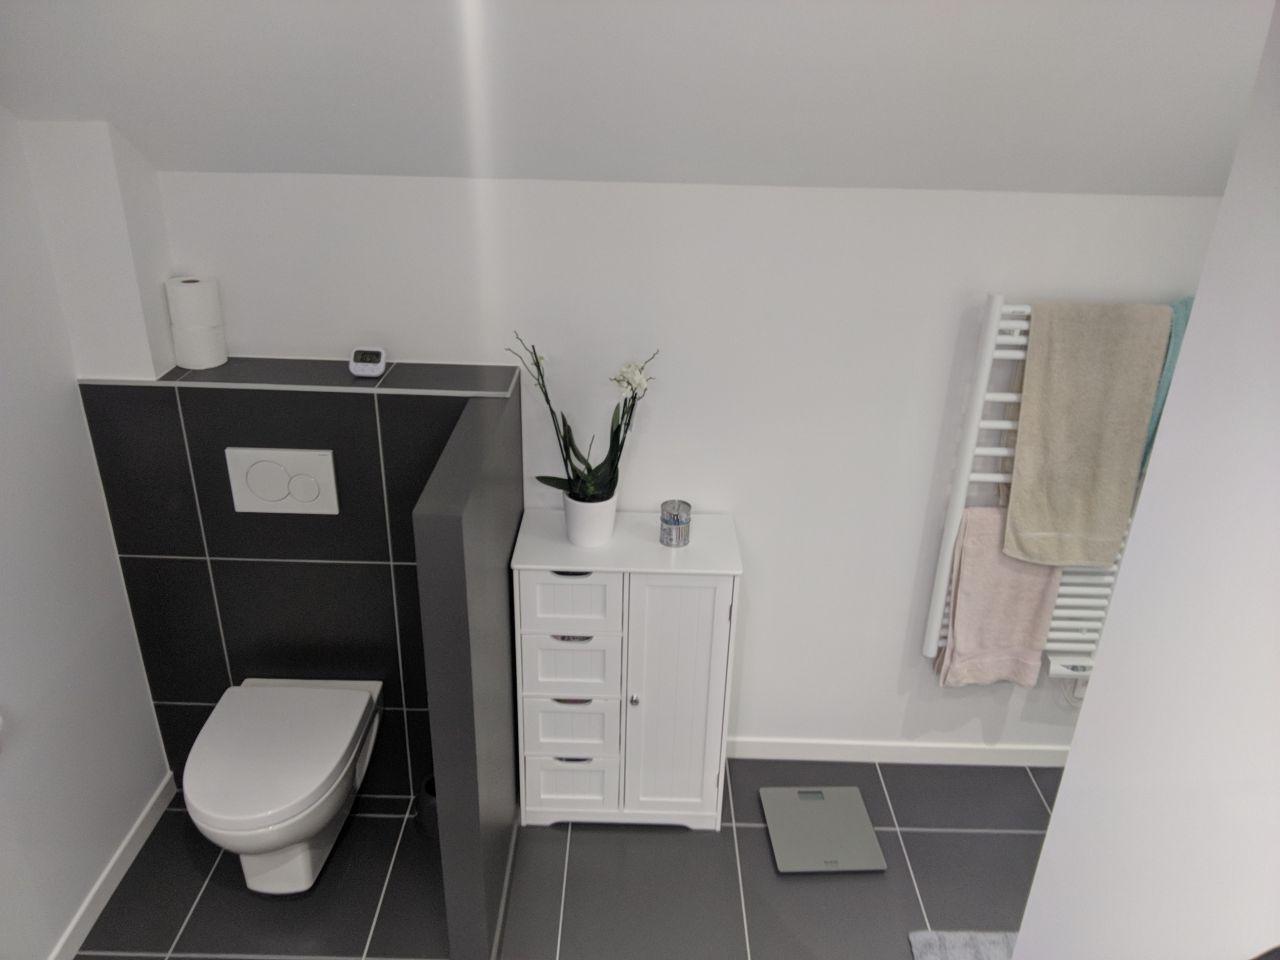 Salle de douche, espace parental